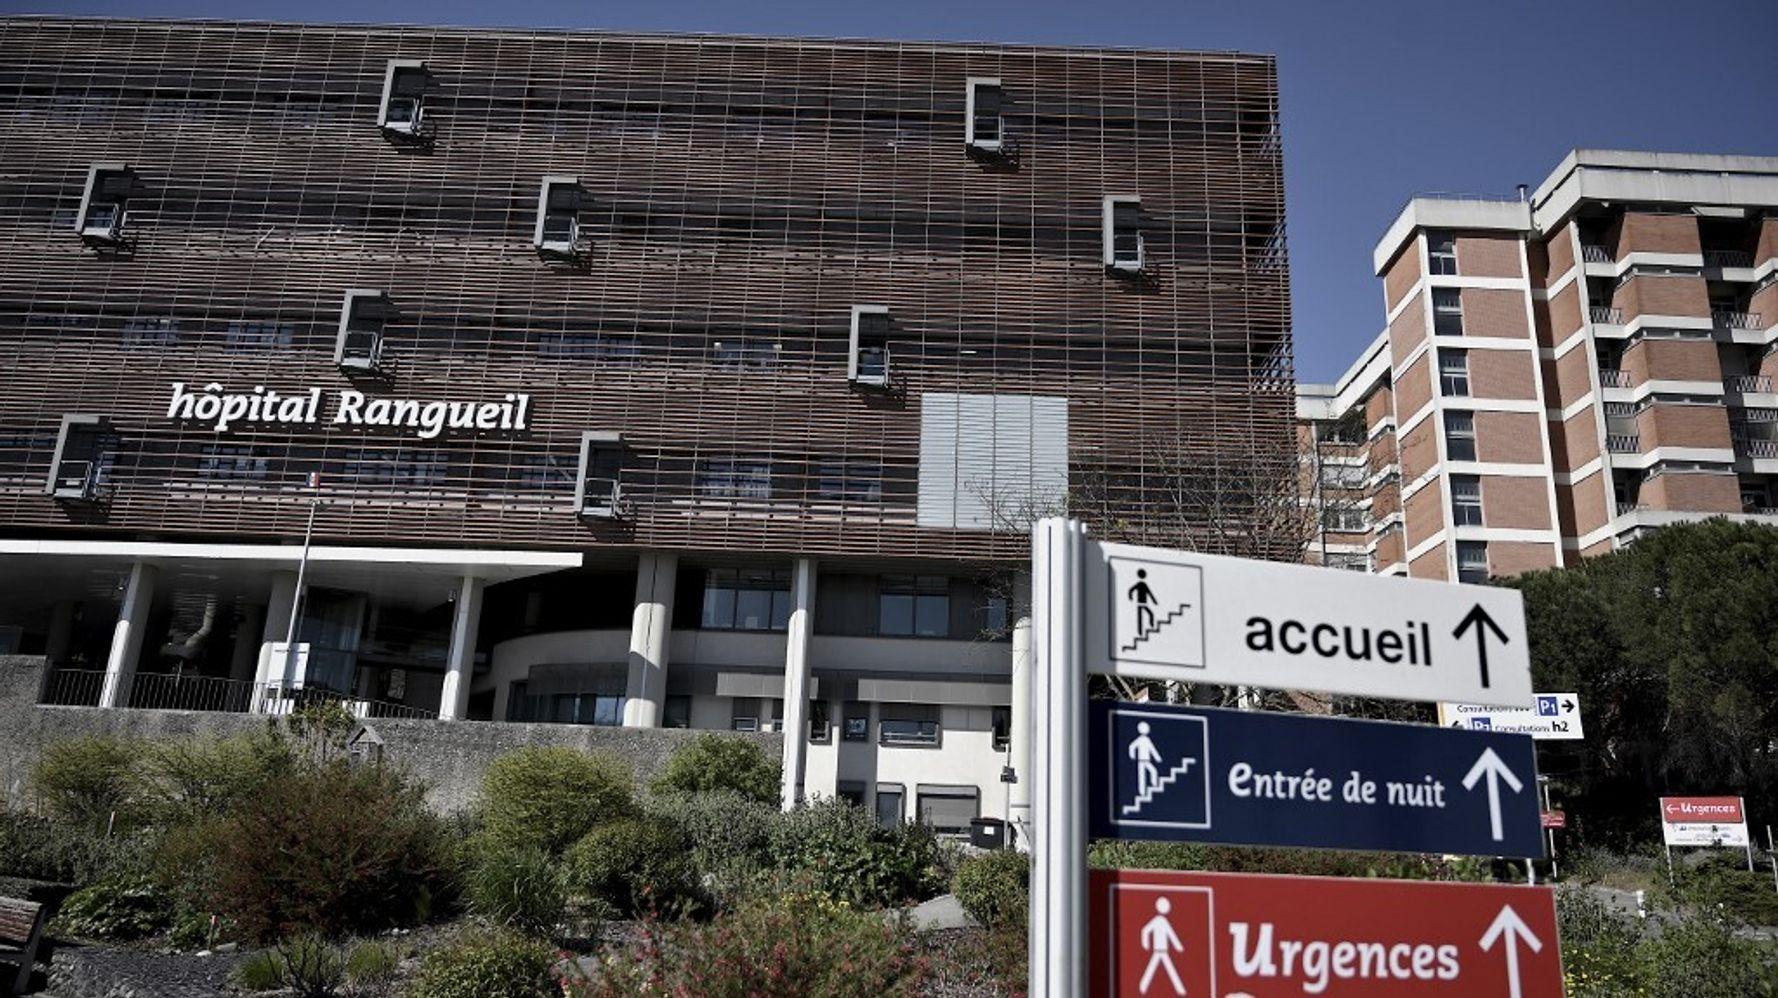 Après une fête clandestine au CHU de Toulouse, une enquête  a été ouverte